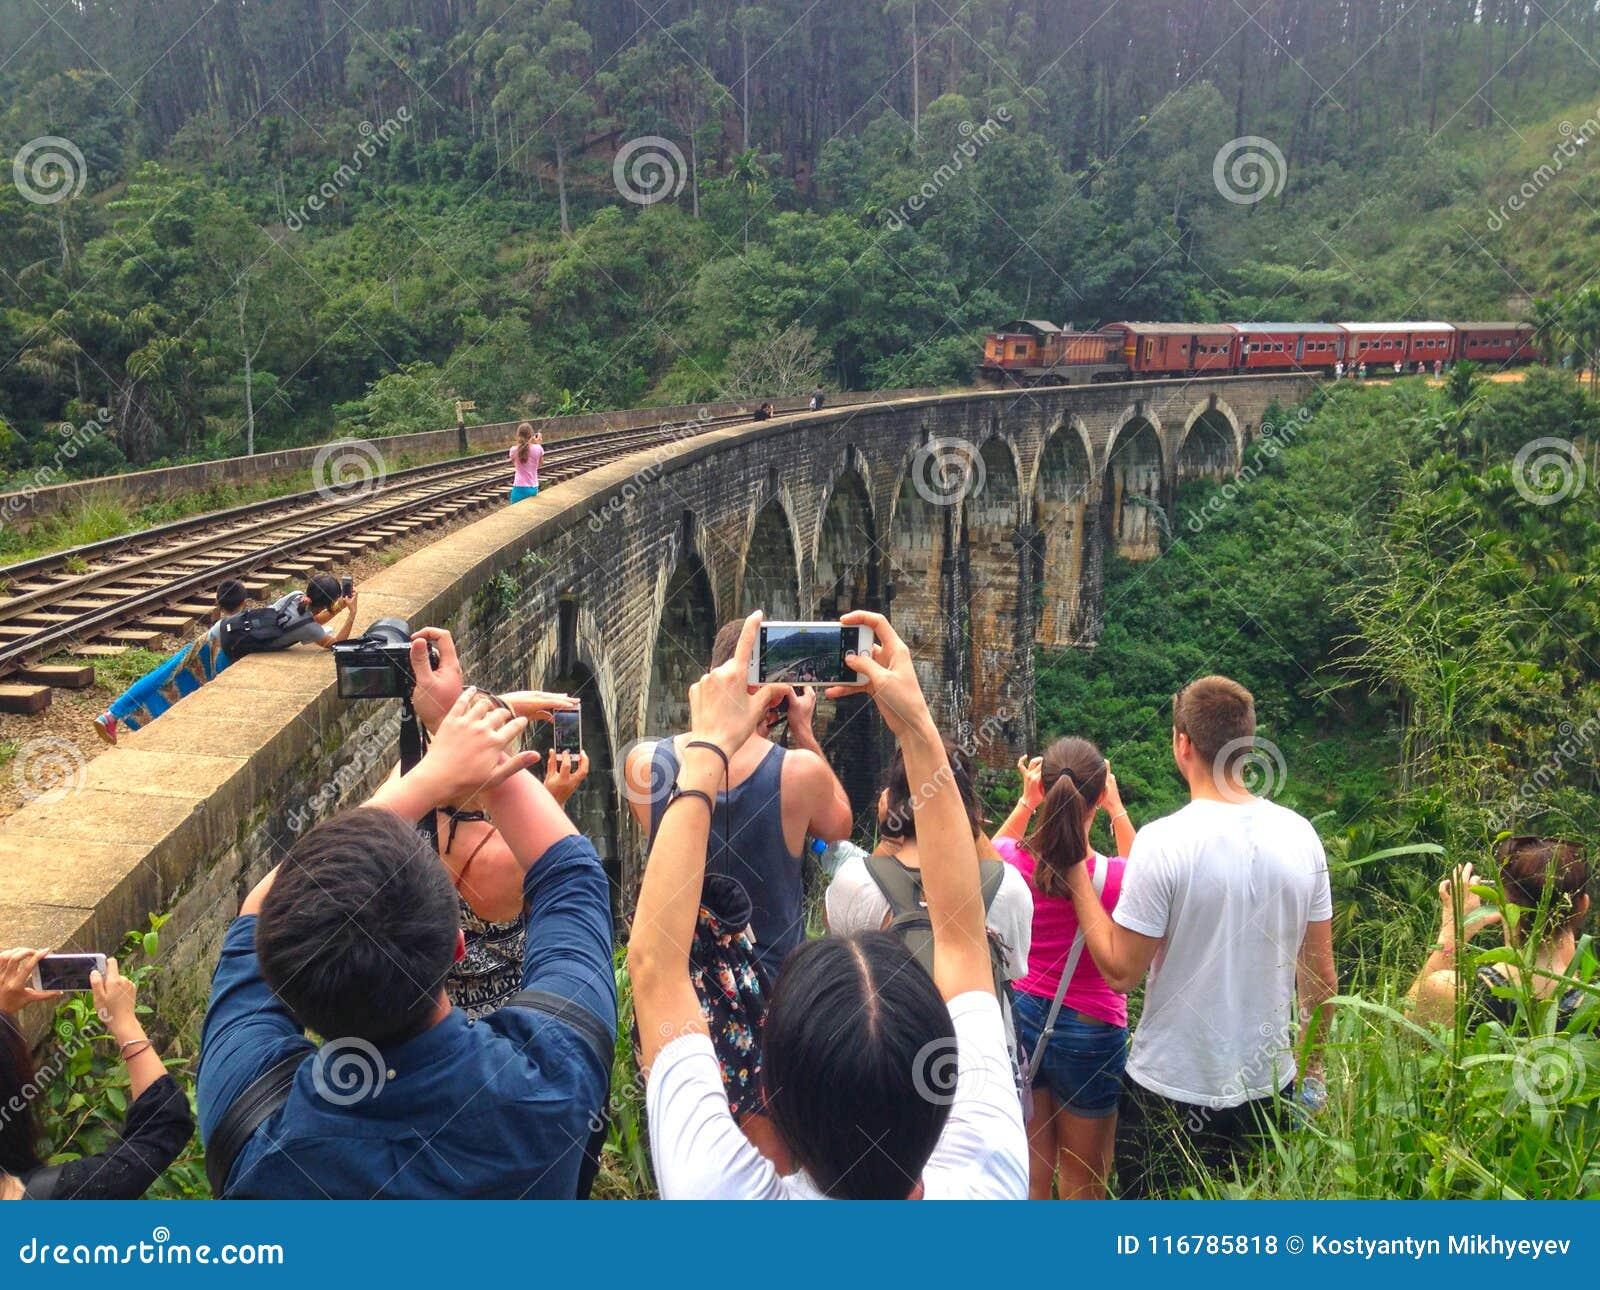 Shooting a train on Nine Arch Brige Ella Town